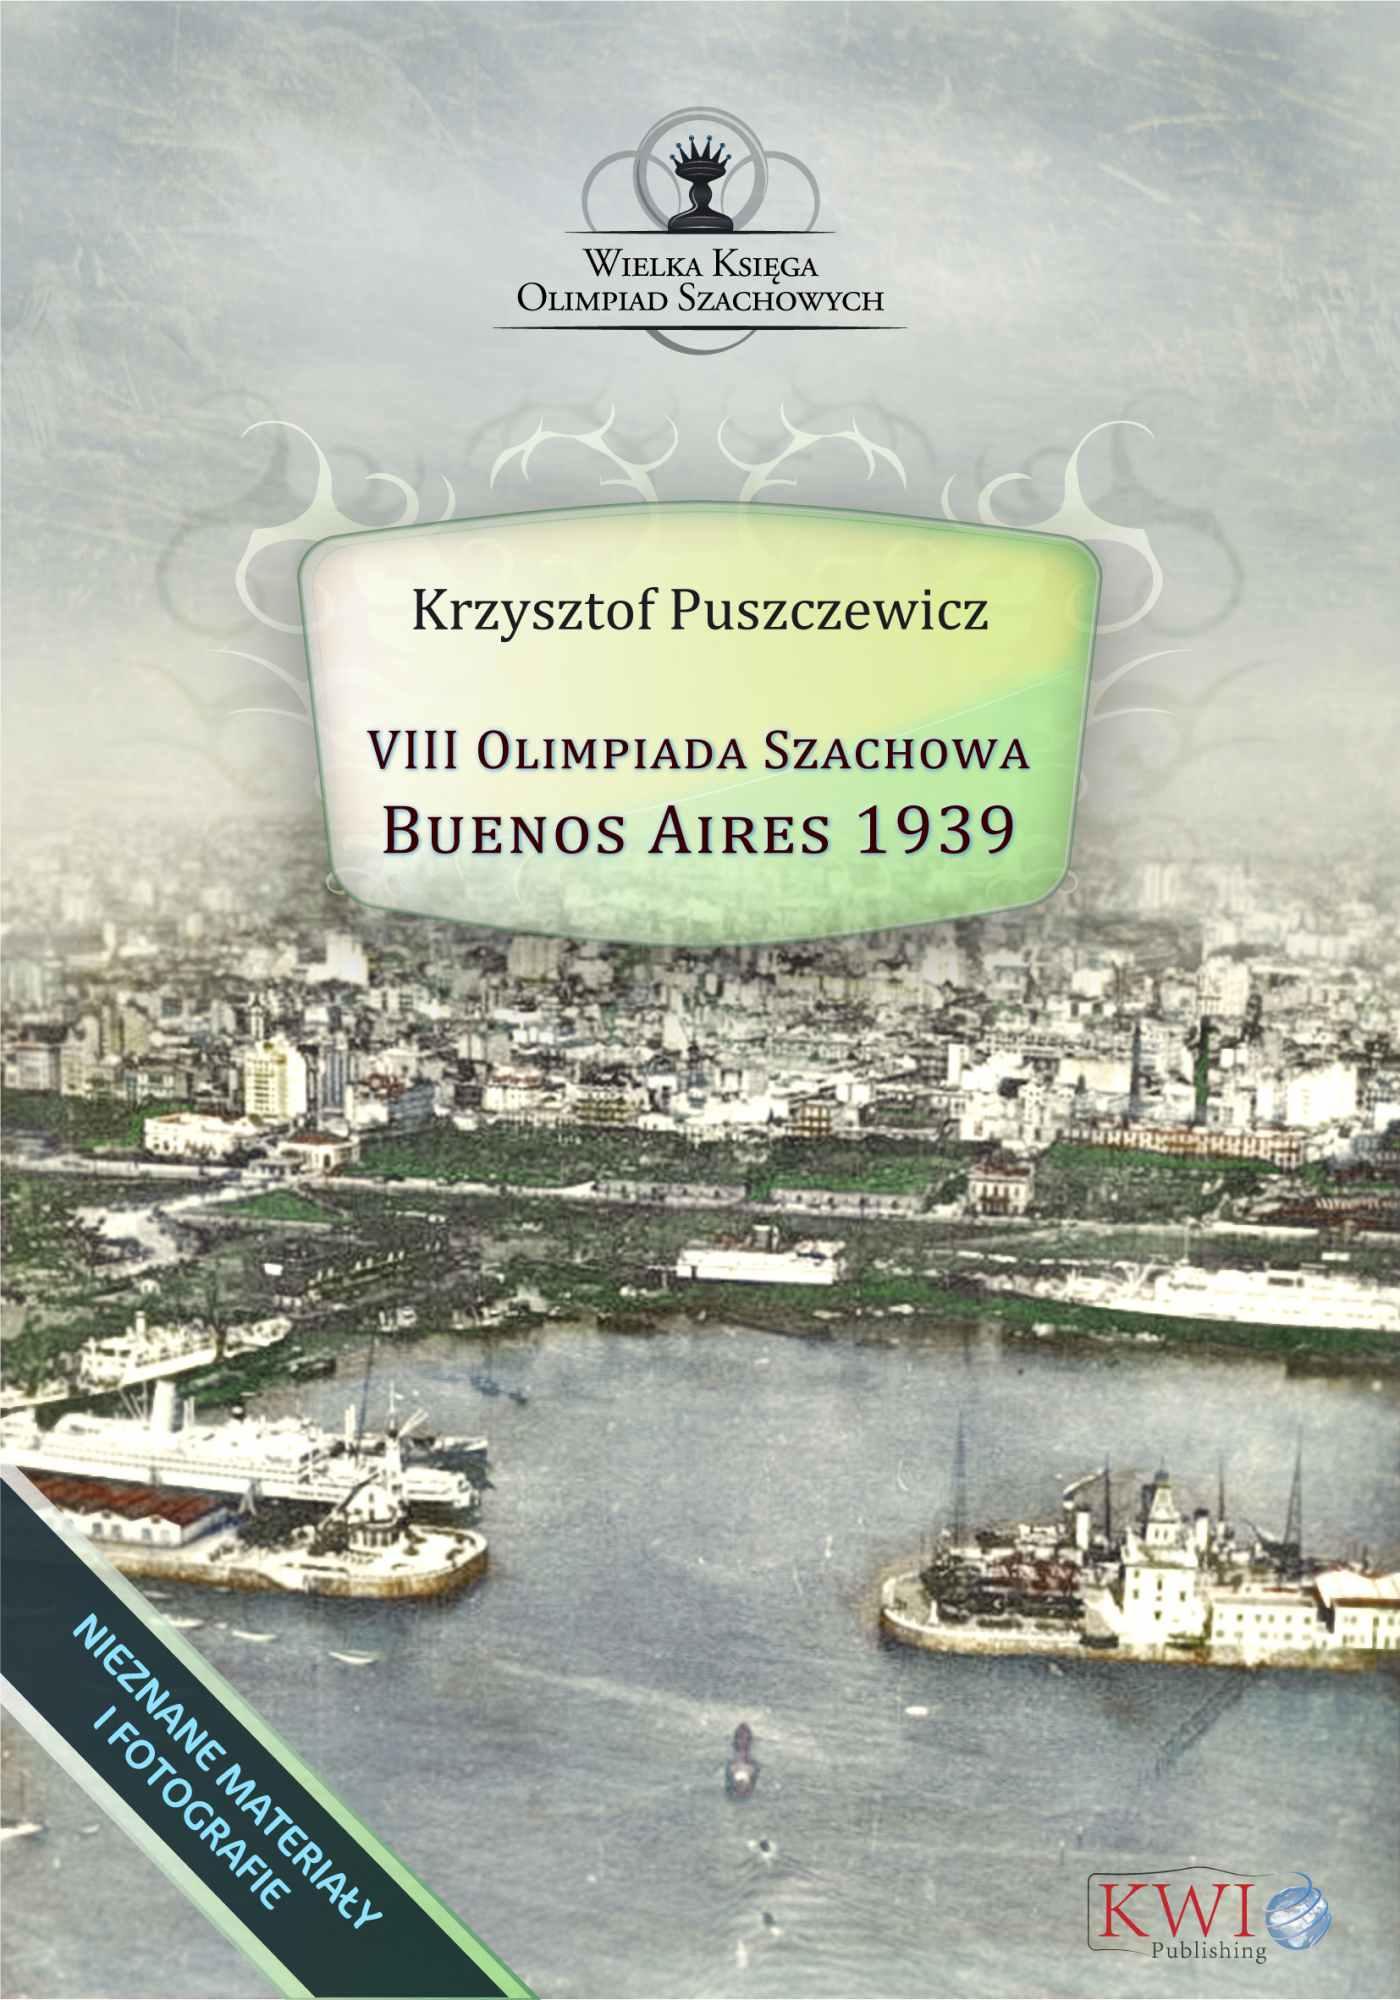 VIII Olimpiada Szachowa - Buenos Aires 1939 - Ebook (Książka EPUB) do pobrania w formacie EPUB